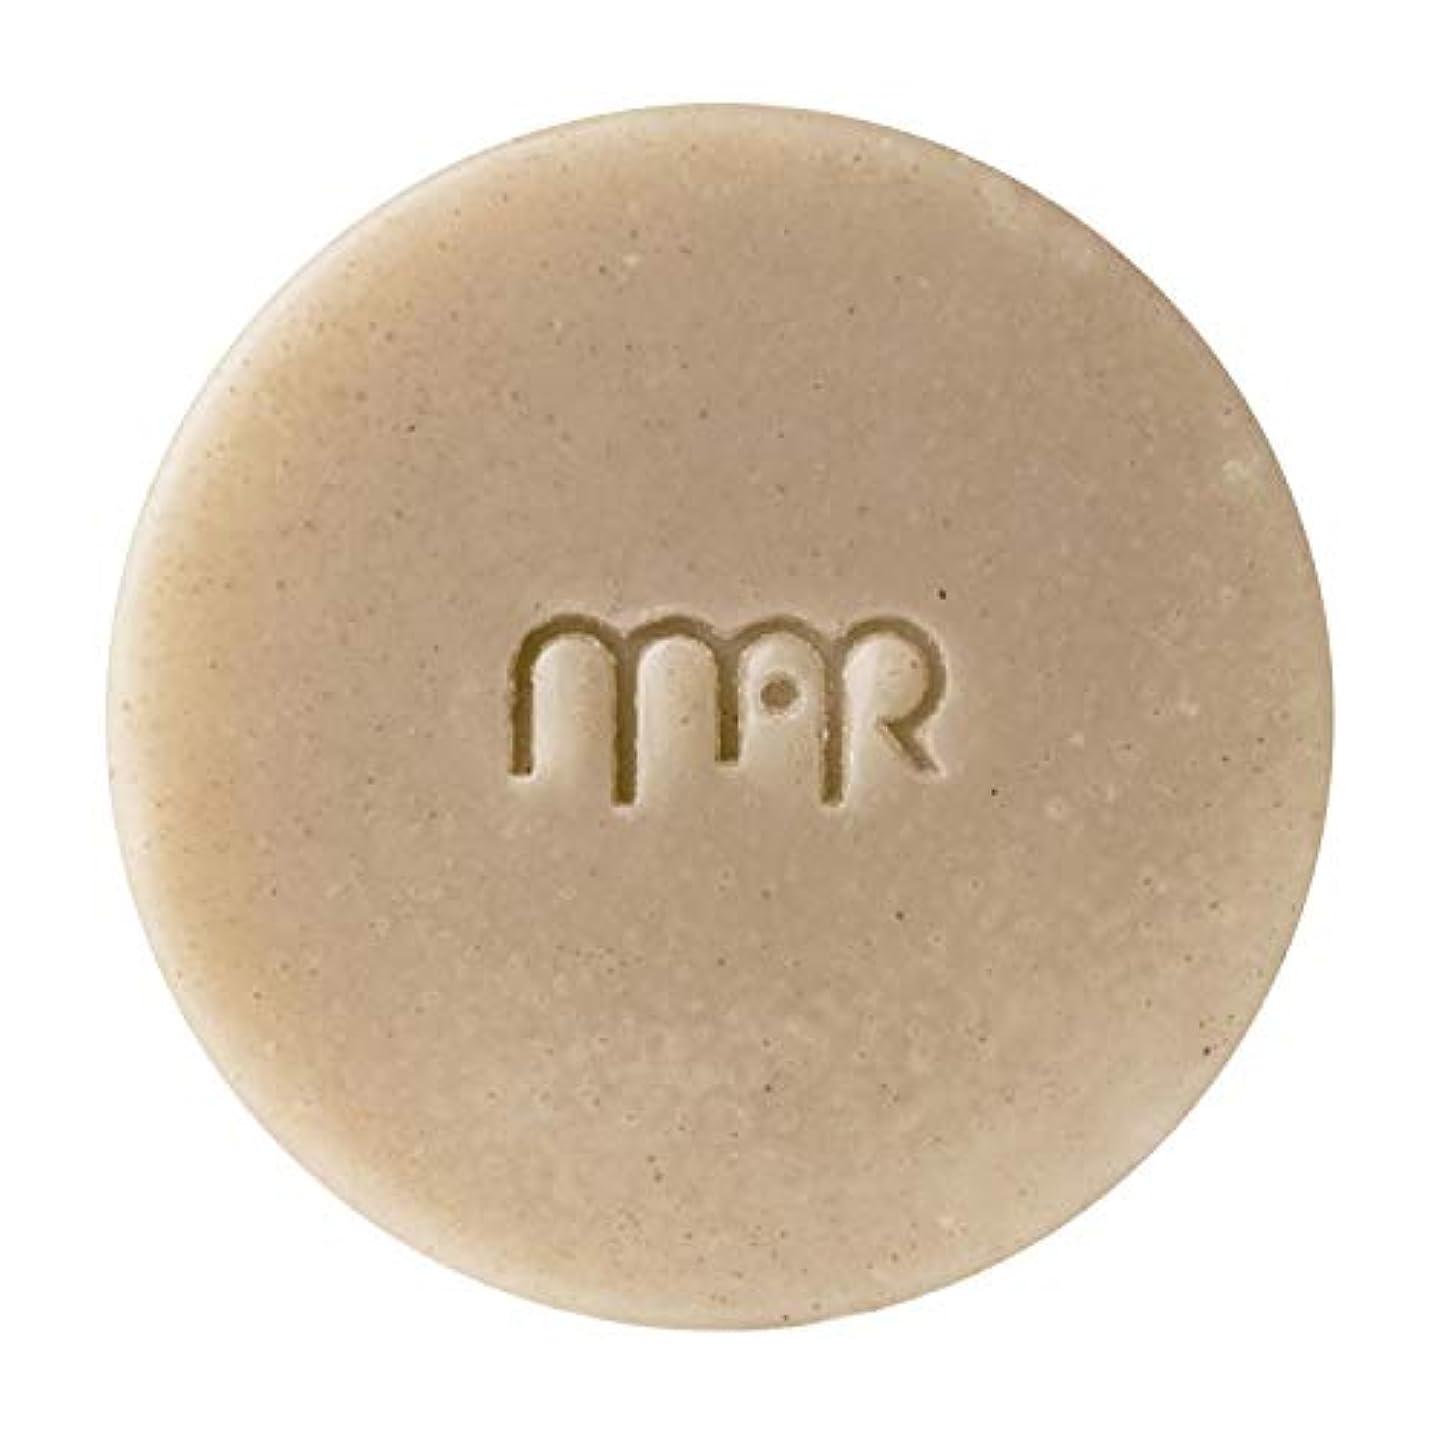 スキム皿有名なマールアペラル (MARapelar) オーガニッククレイ石鹸(大) 80g / 約30日分